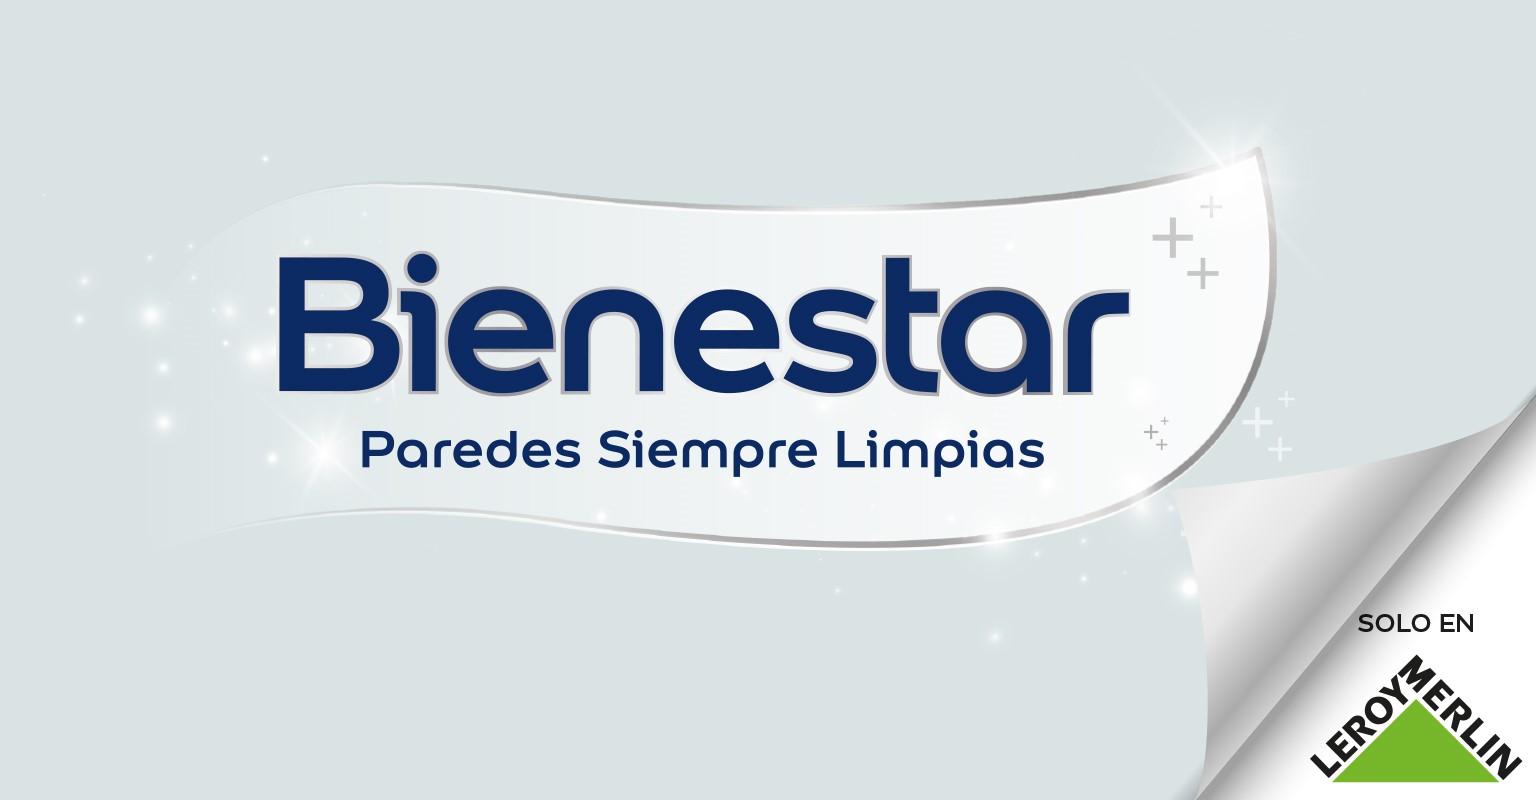 Bienestar - Leroy - Merlin - Bruguer - Paredes - Siempre - Limpias